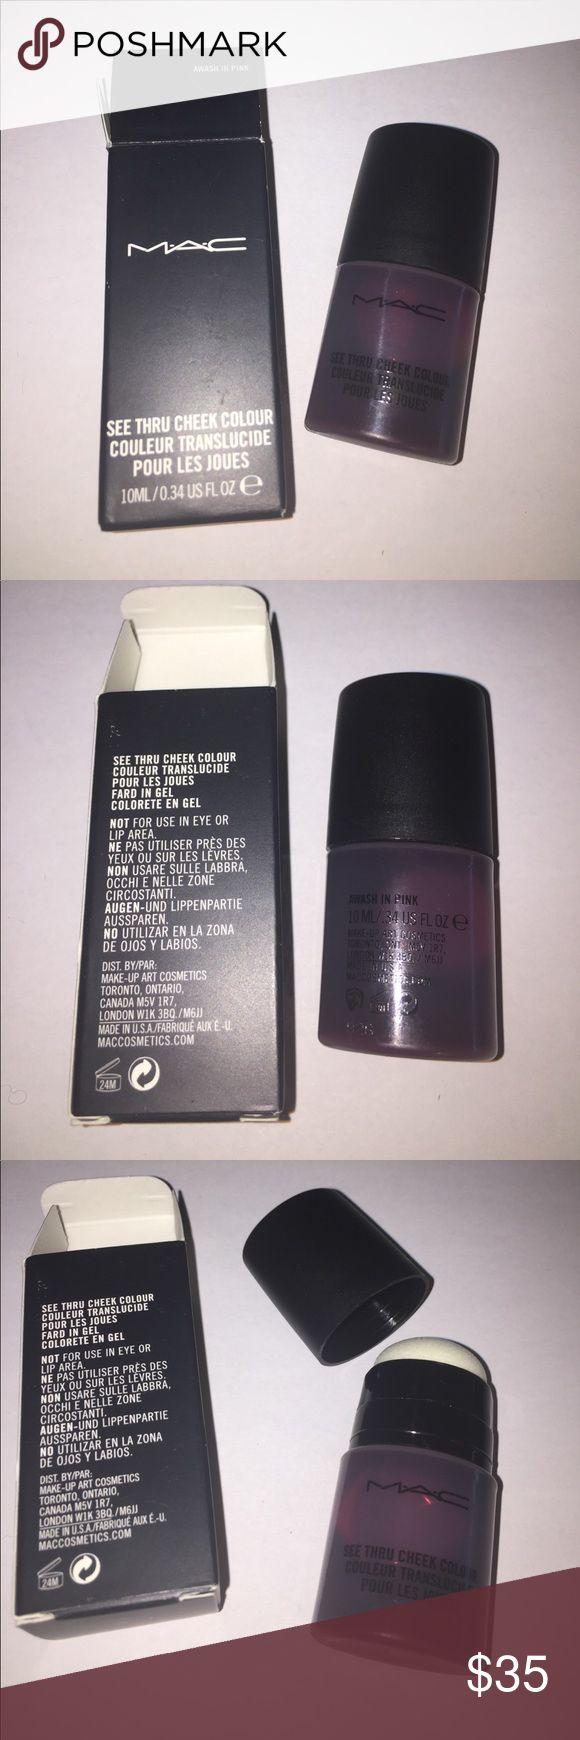 MAC COSMETICS NIB SEE THRU AWASH PINK CHEEK COLOUR Firm Price. No trades. MAC COSMETICS NIB SEE THRU AWASH PINK CHEEK COLOUR. Never used nor swatched. Rare and discontinued. MAC Cosmetics Makeup Blush